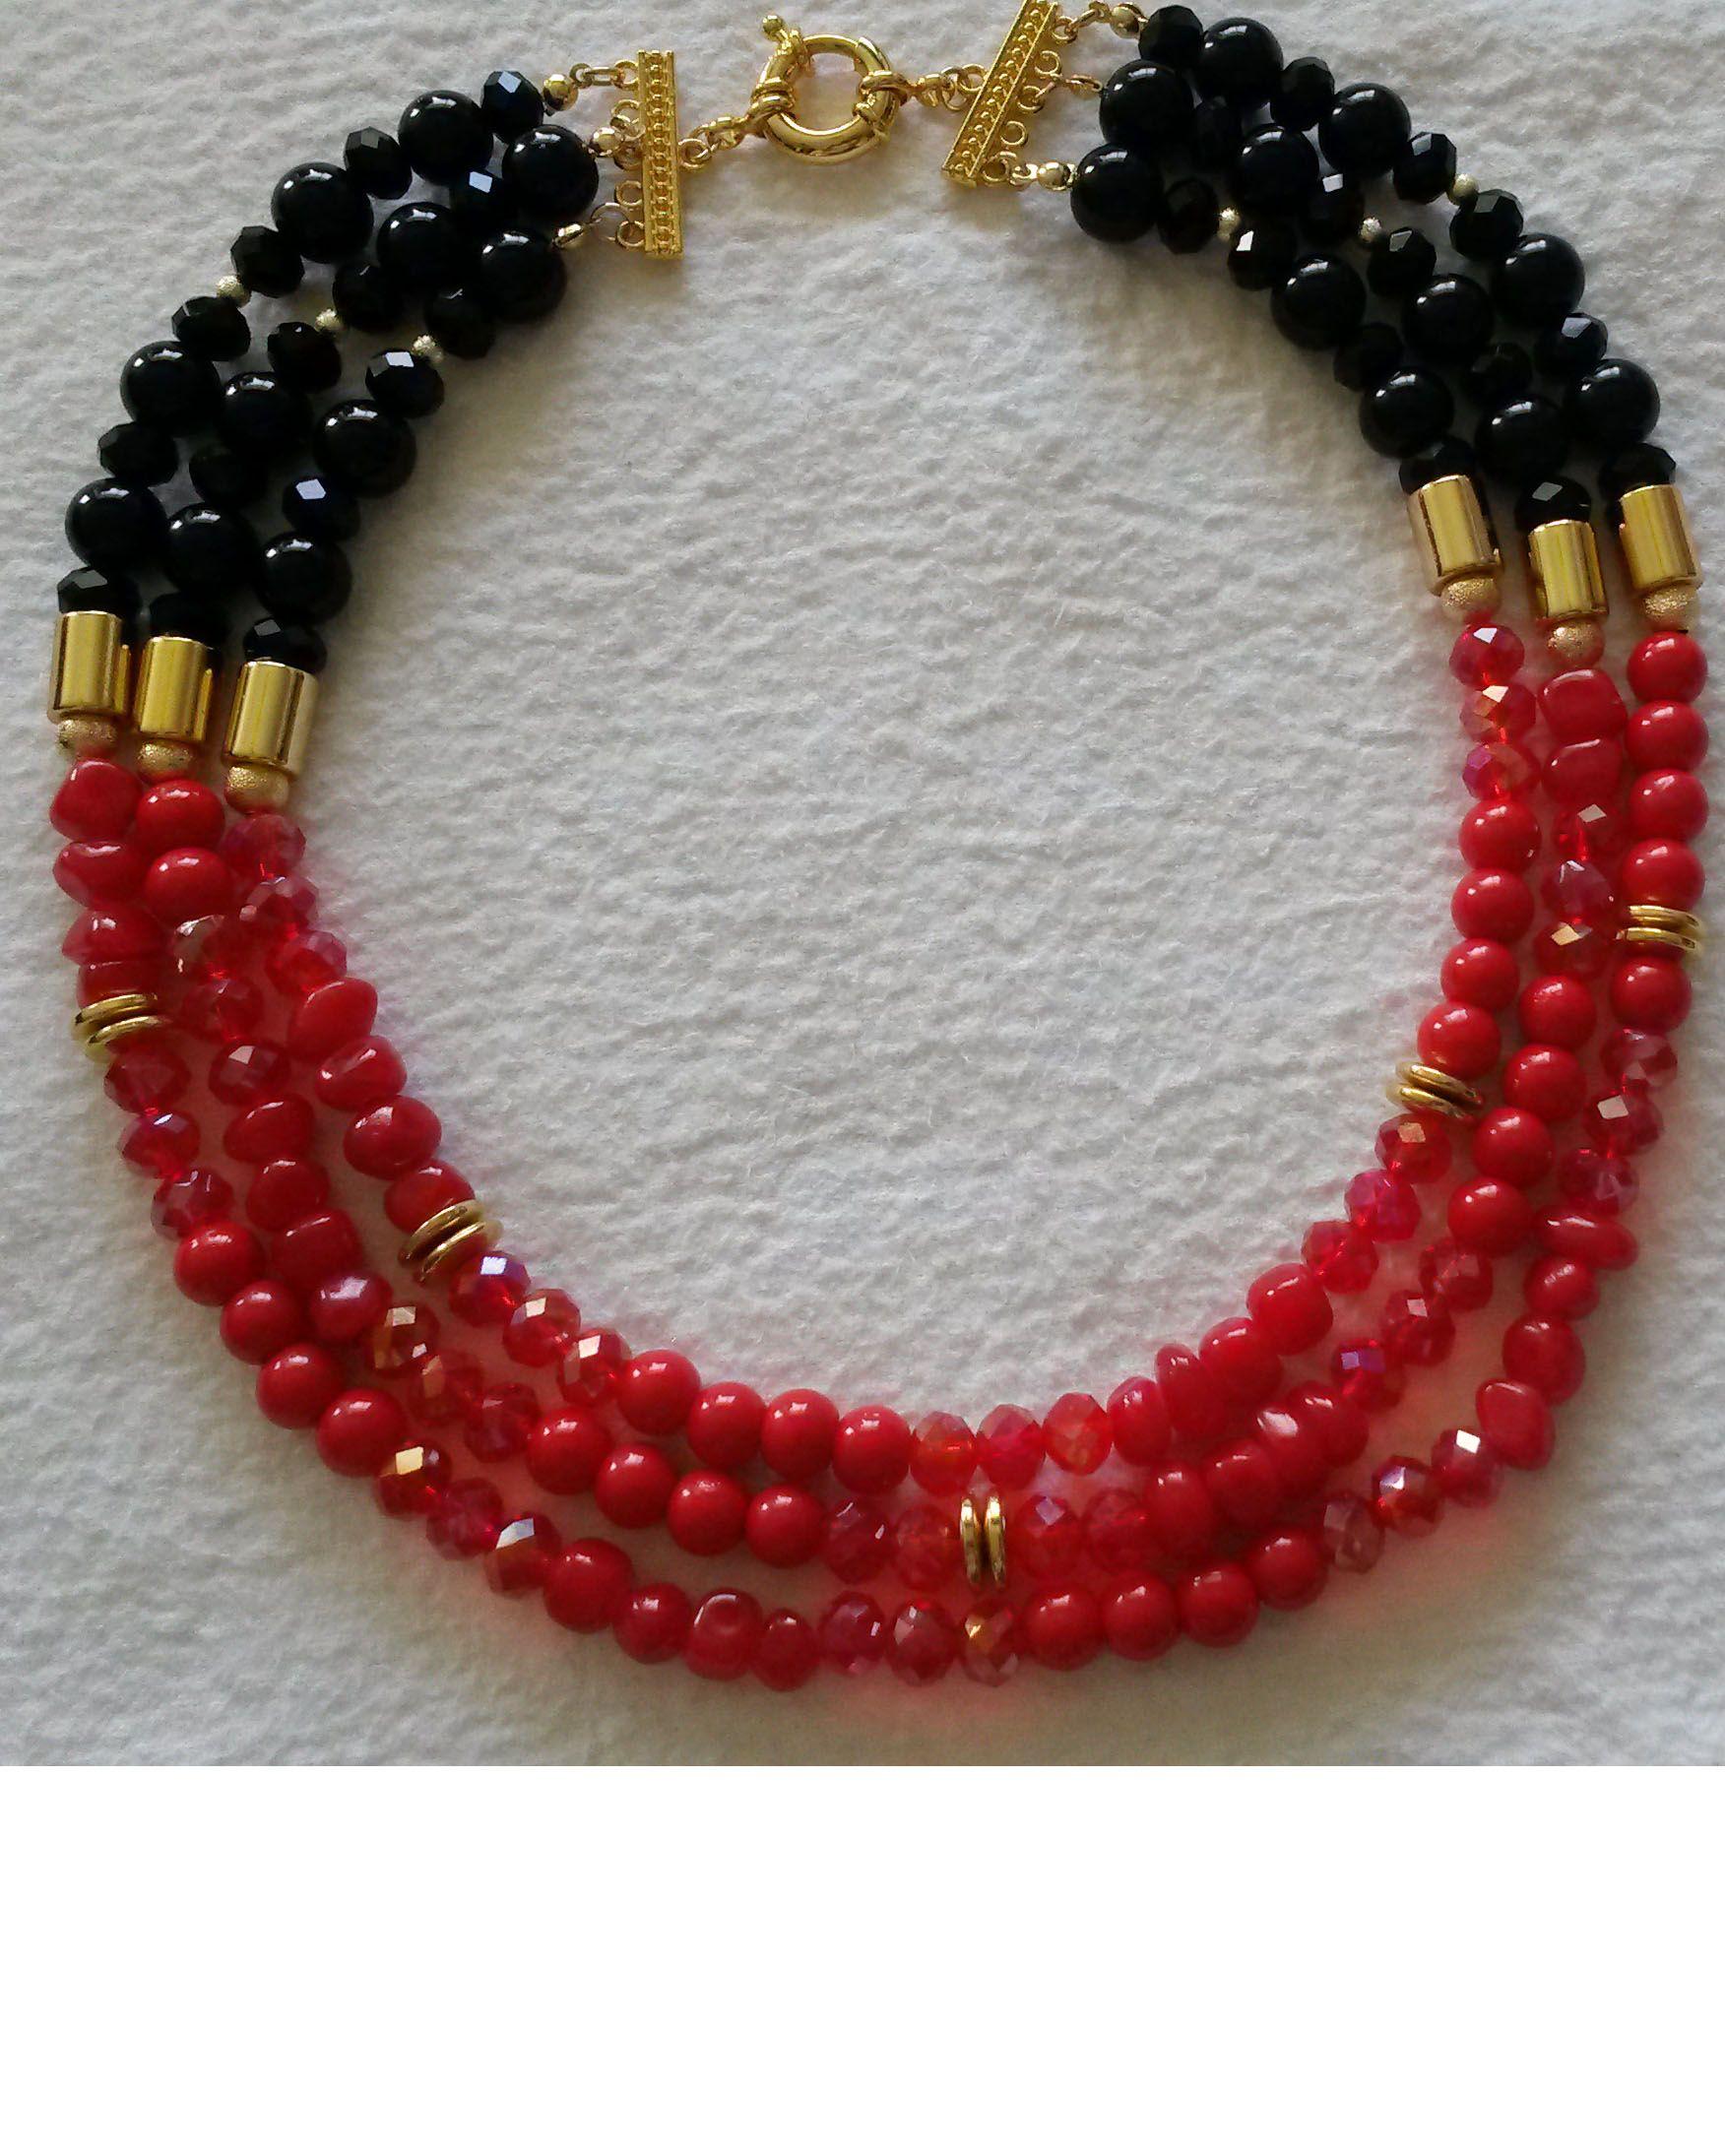 Collar gargantilla de 3 vueltas elaborado en cristales , piedras jade y perlas  rojas y negras